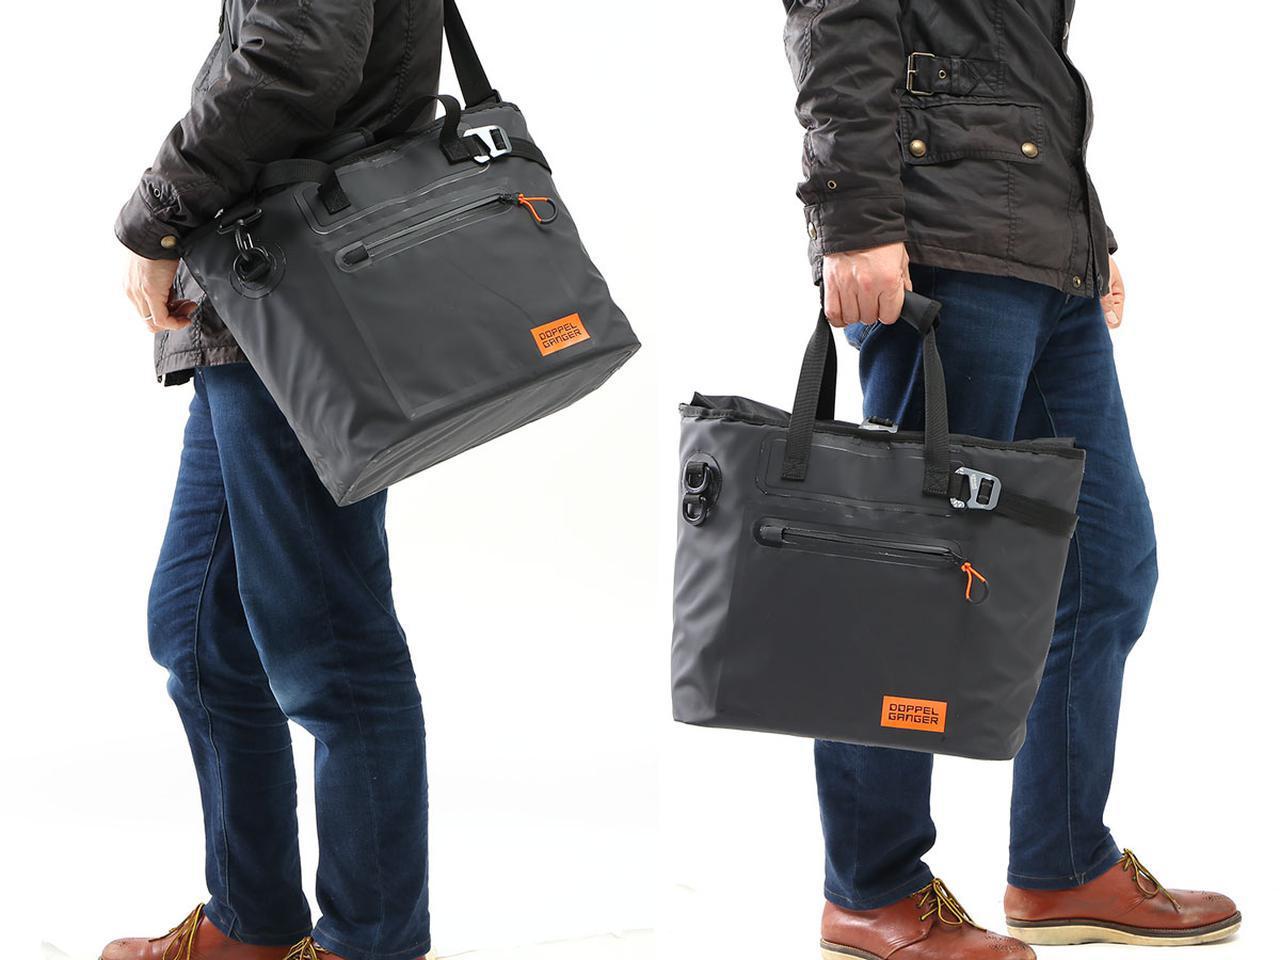 画像: バイク乗りのためのトートバッグ!? サイドバッグにも変身する、便利でおしゃれなドッペルギャンガーの防水バッグが面白い! - webオートバイ